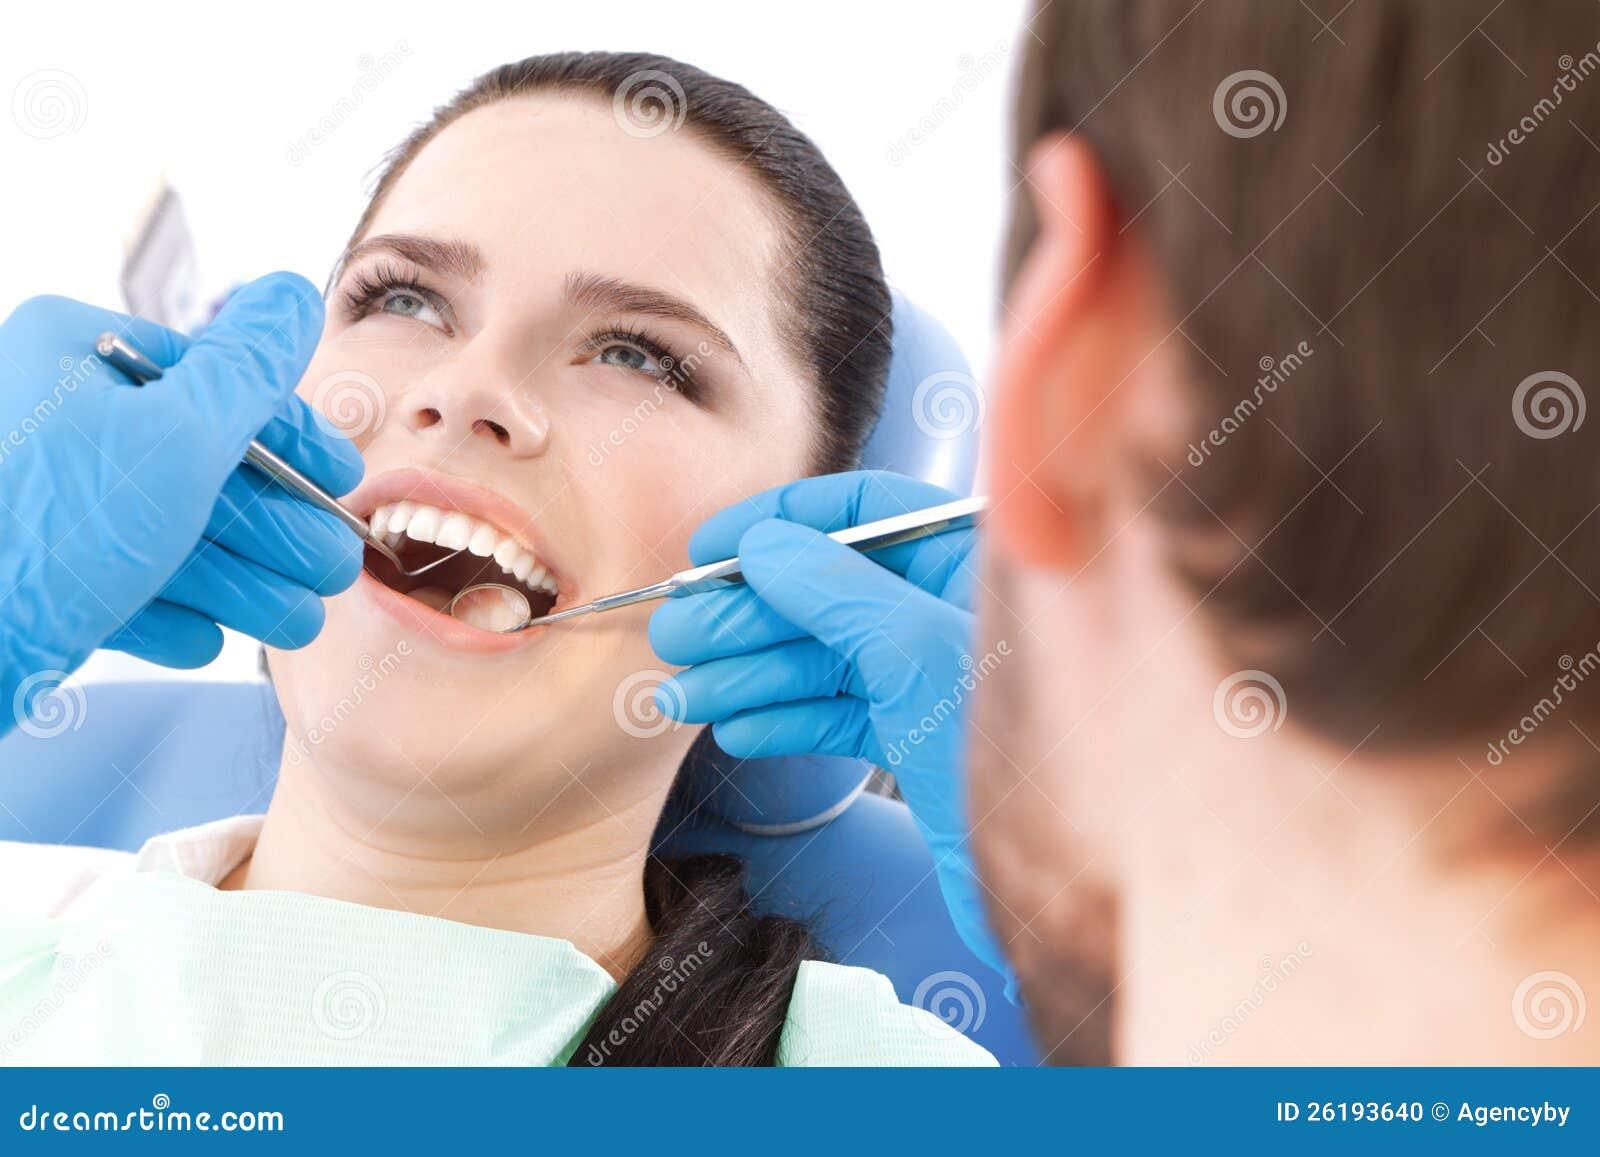 Zahnarzt überprüft die Mundhöhle des Patienten